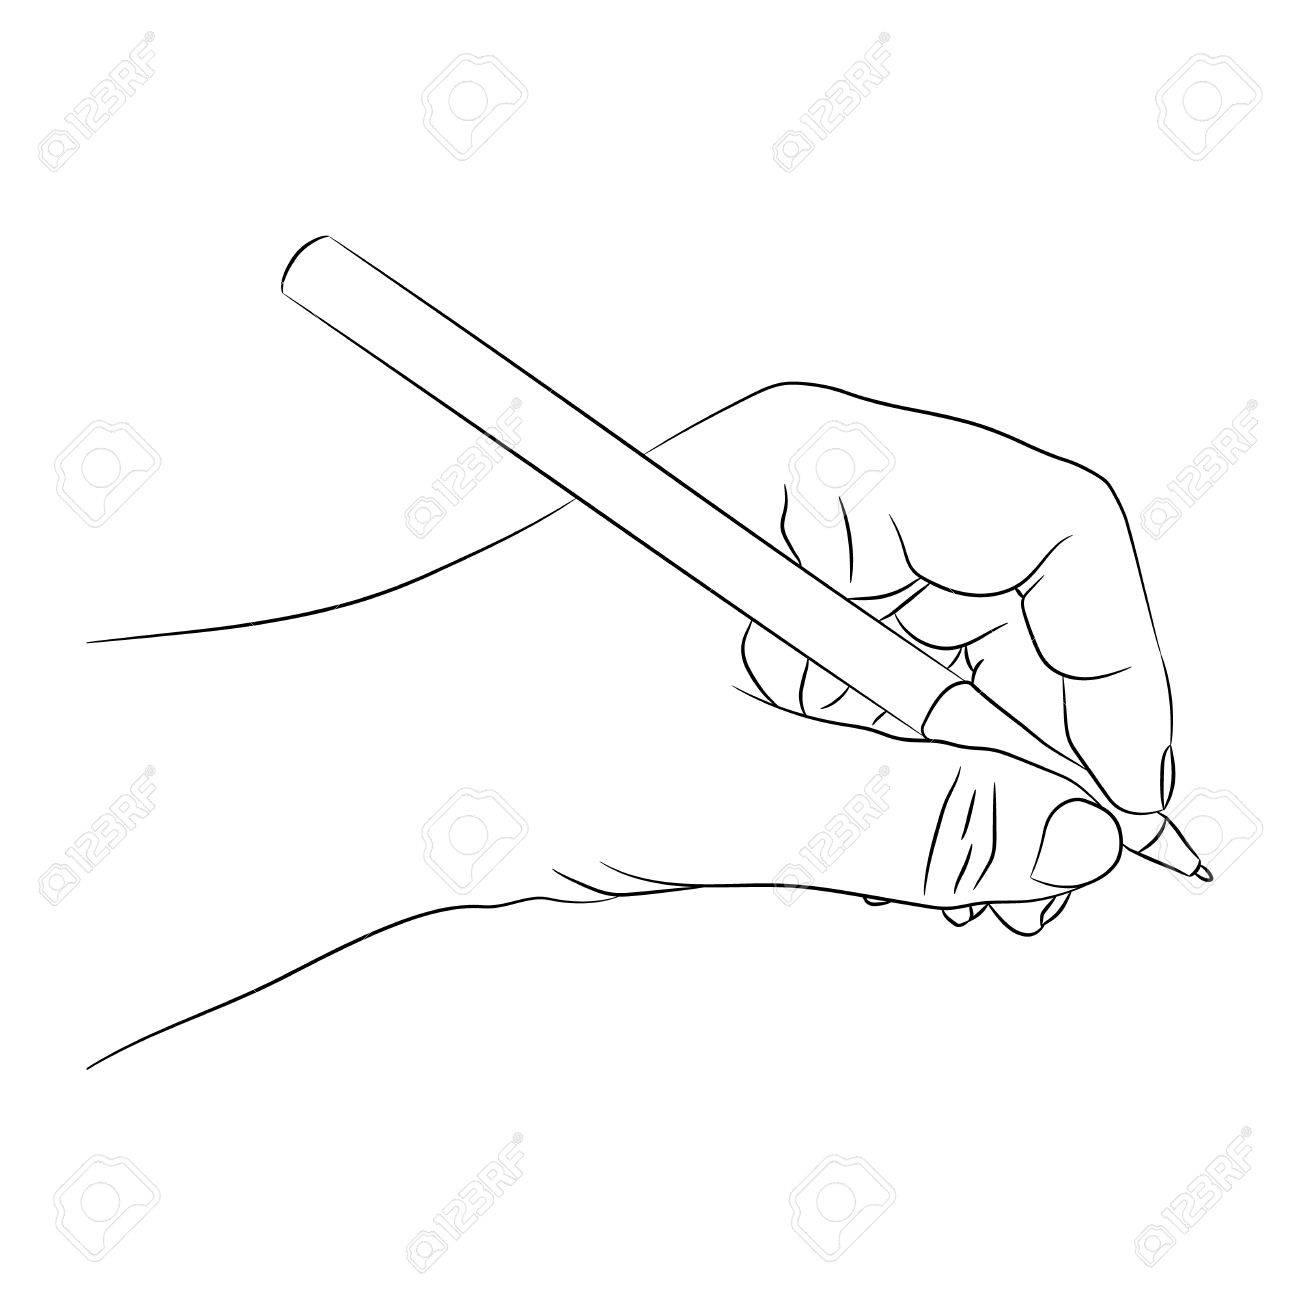 Linkshänder Schreiben Oder Etwas Zeichnen. Linkes Personenkonzept ...